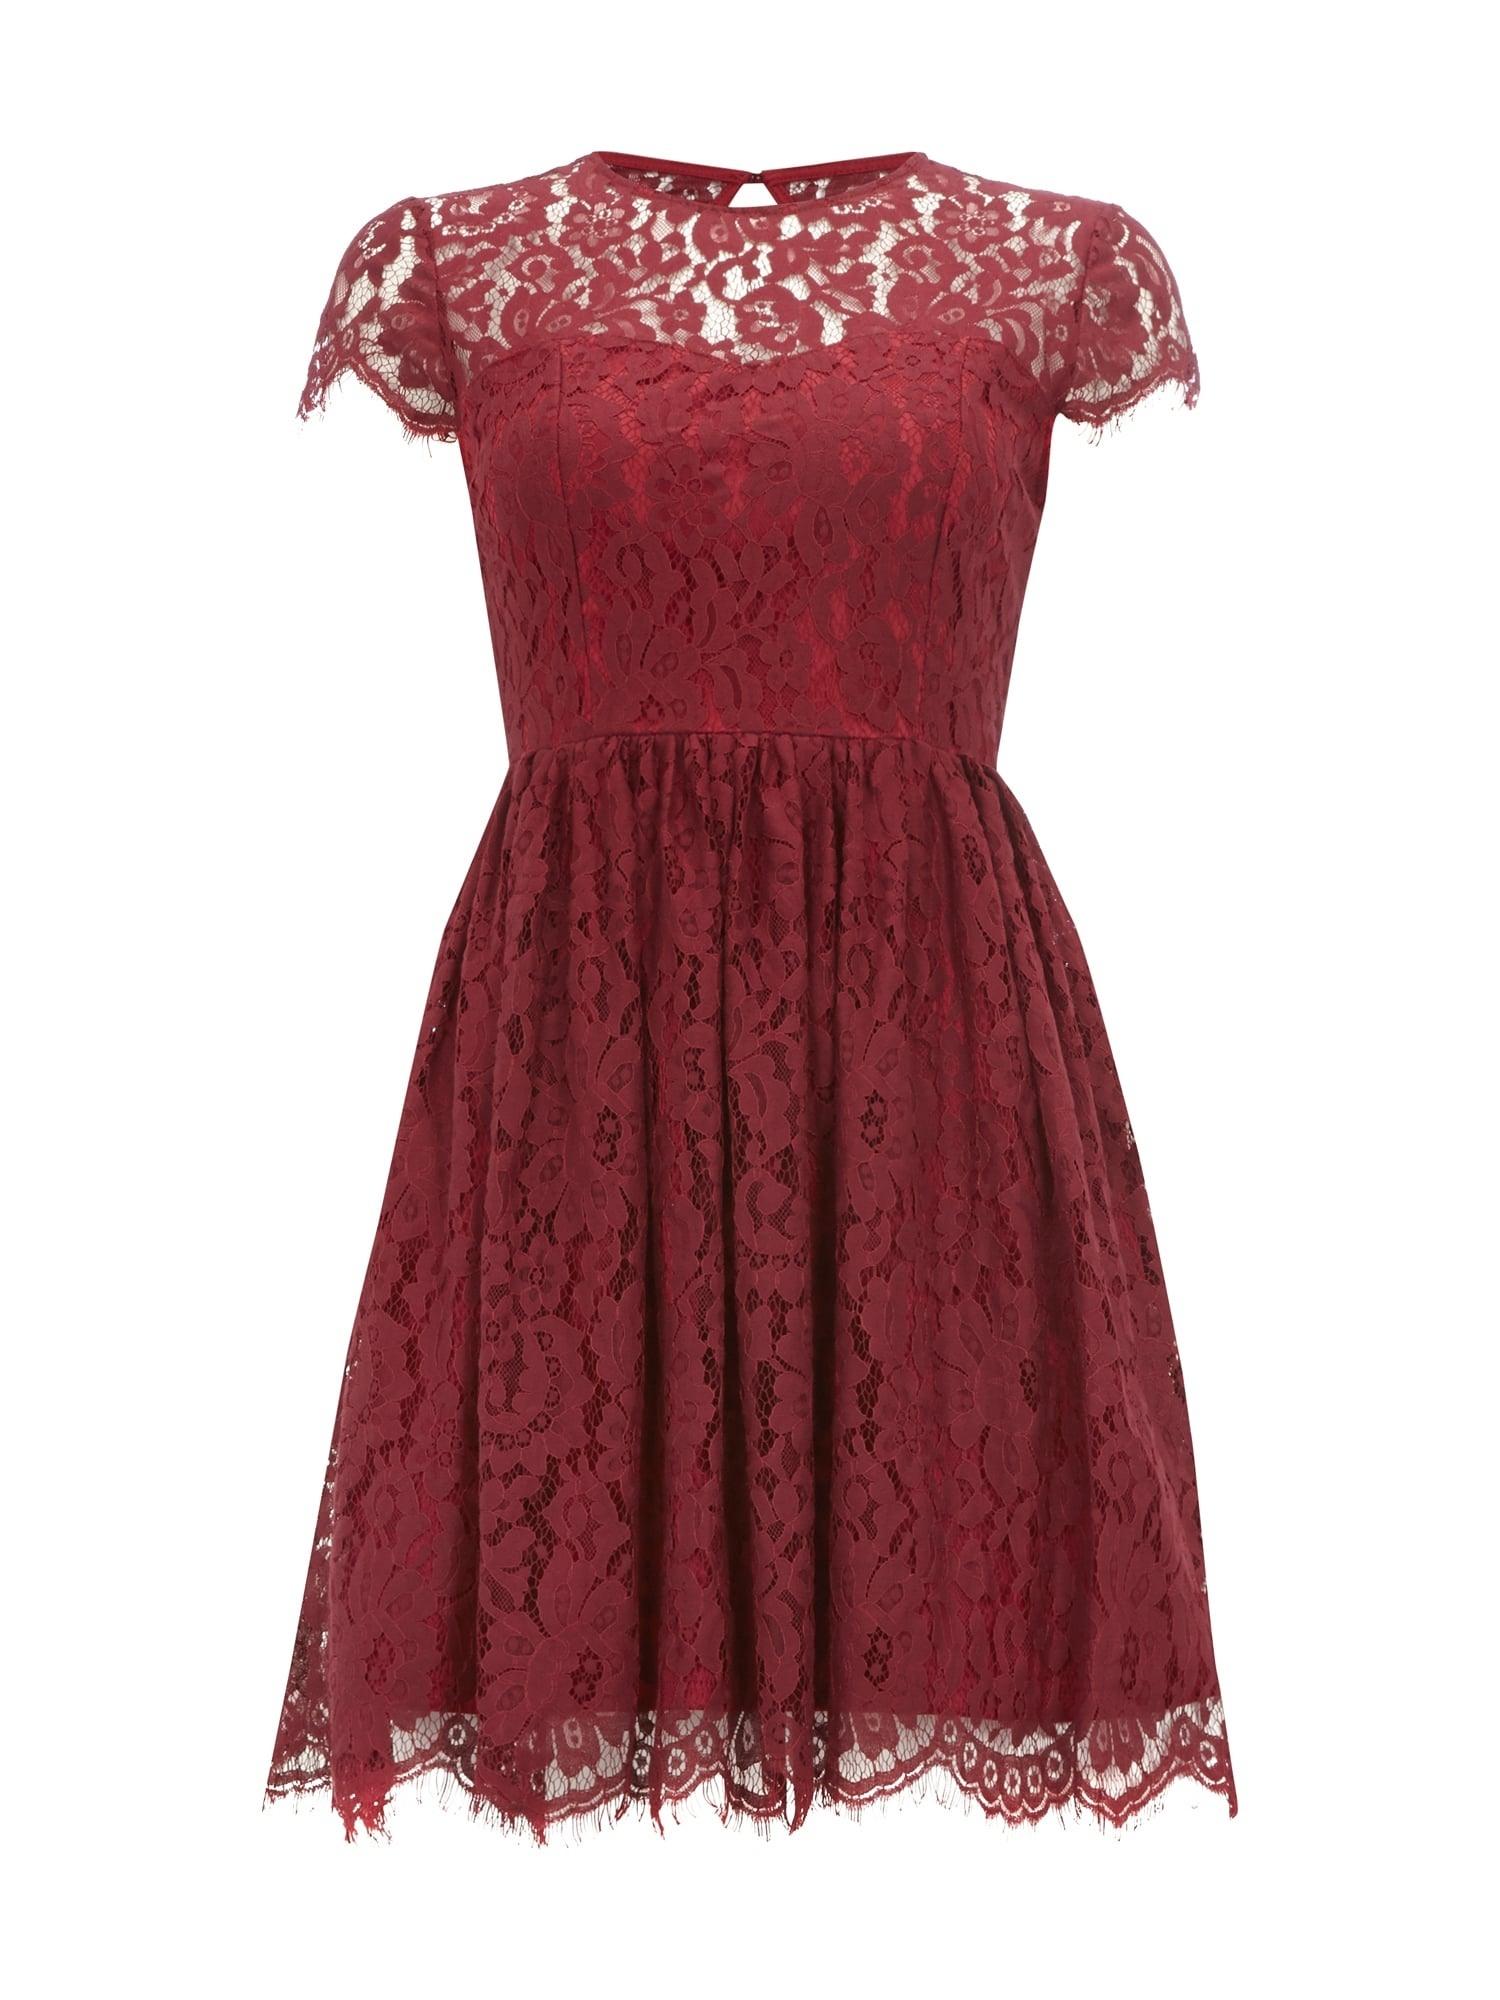 Designer Perfekt Bordeaux Kleid Spitze für 201920 Schön Bordeaux Kleid Spitze Design